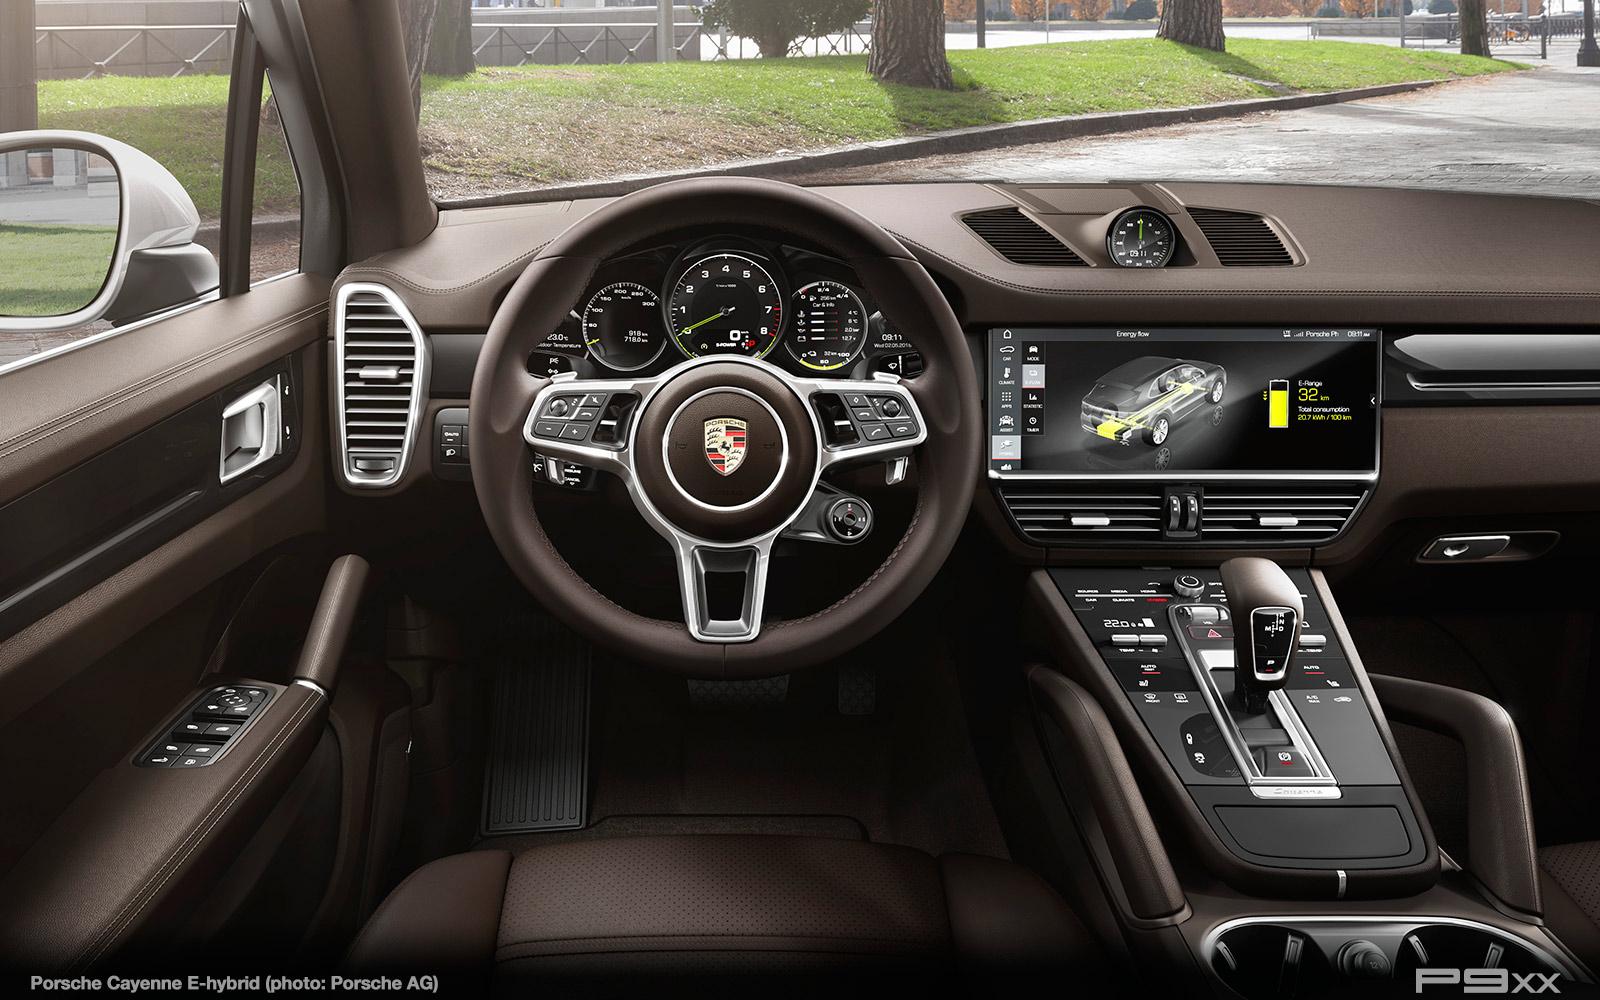 Porsche-Cayenne-E-hybrid-338